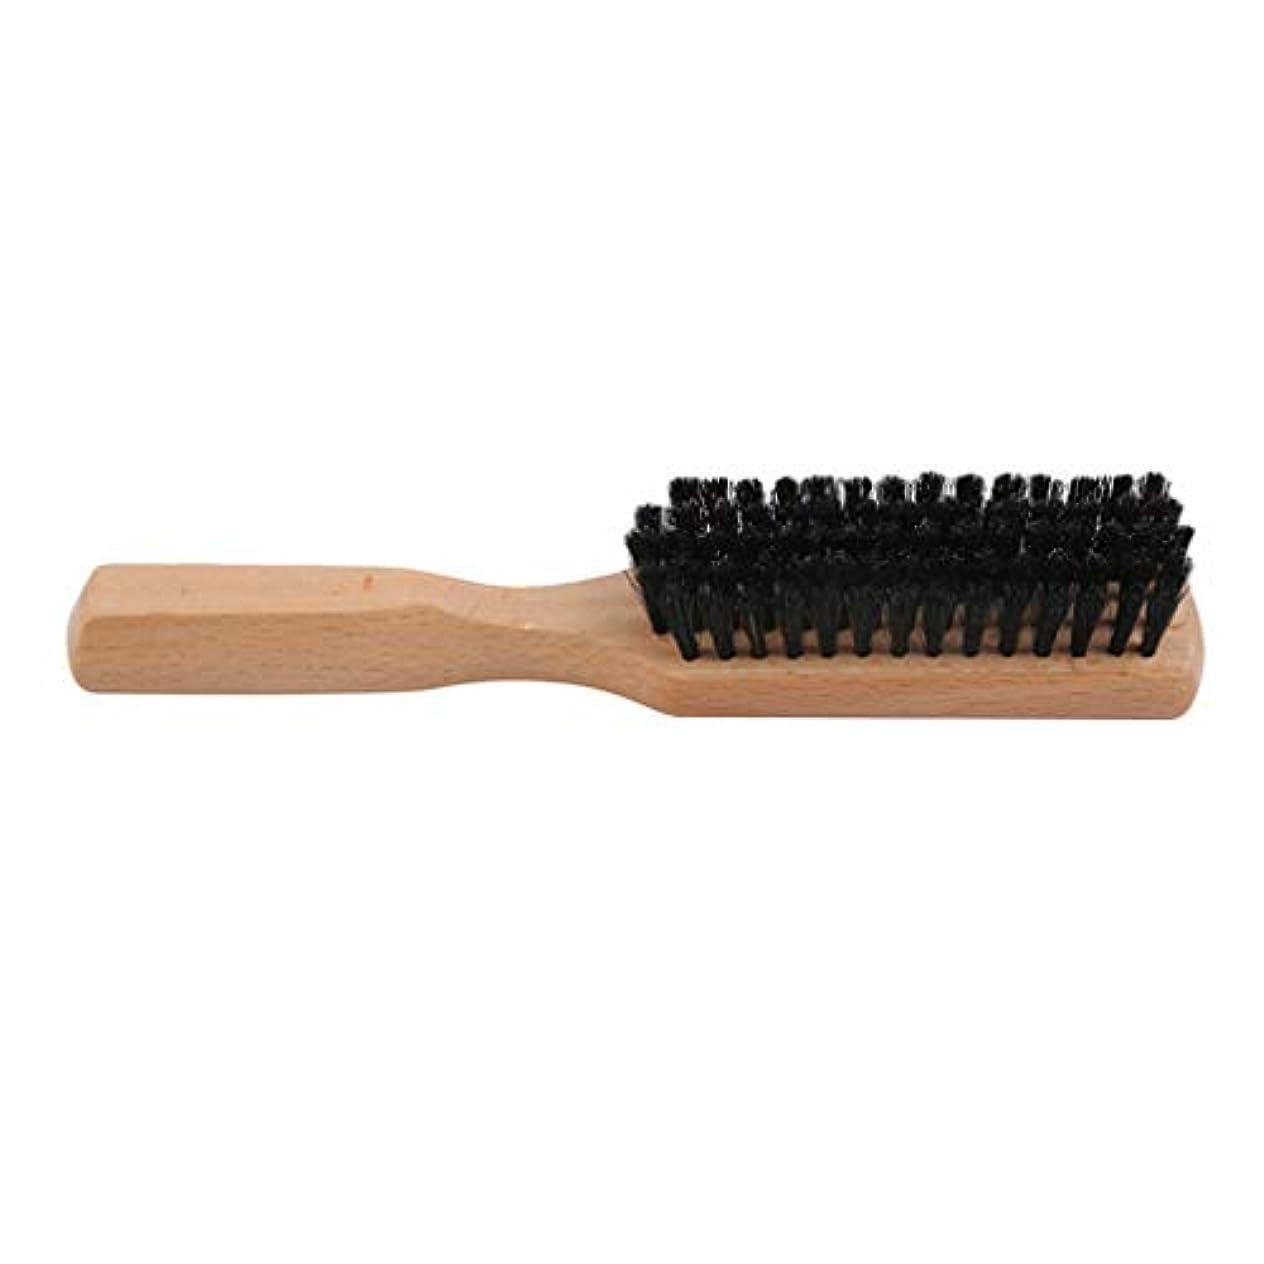 嫉妬寄稿者無駄Cngstar シェービング用ブラシ シェービングブラシ メンズ 洗顔 理容 洗顔 髭剃り